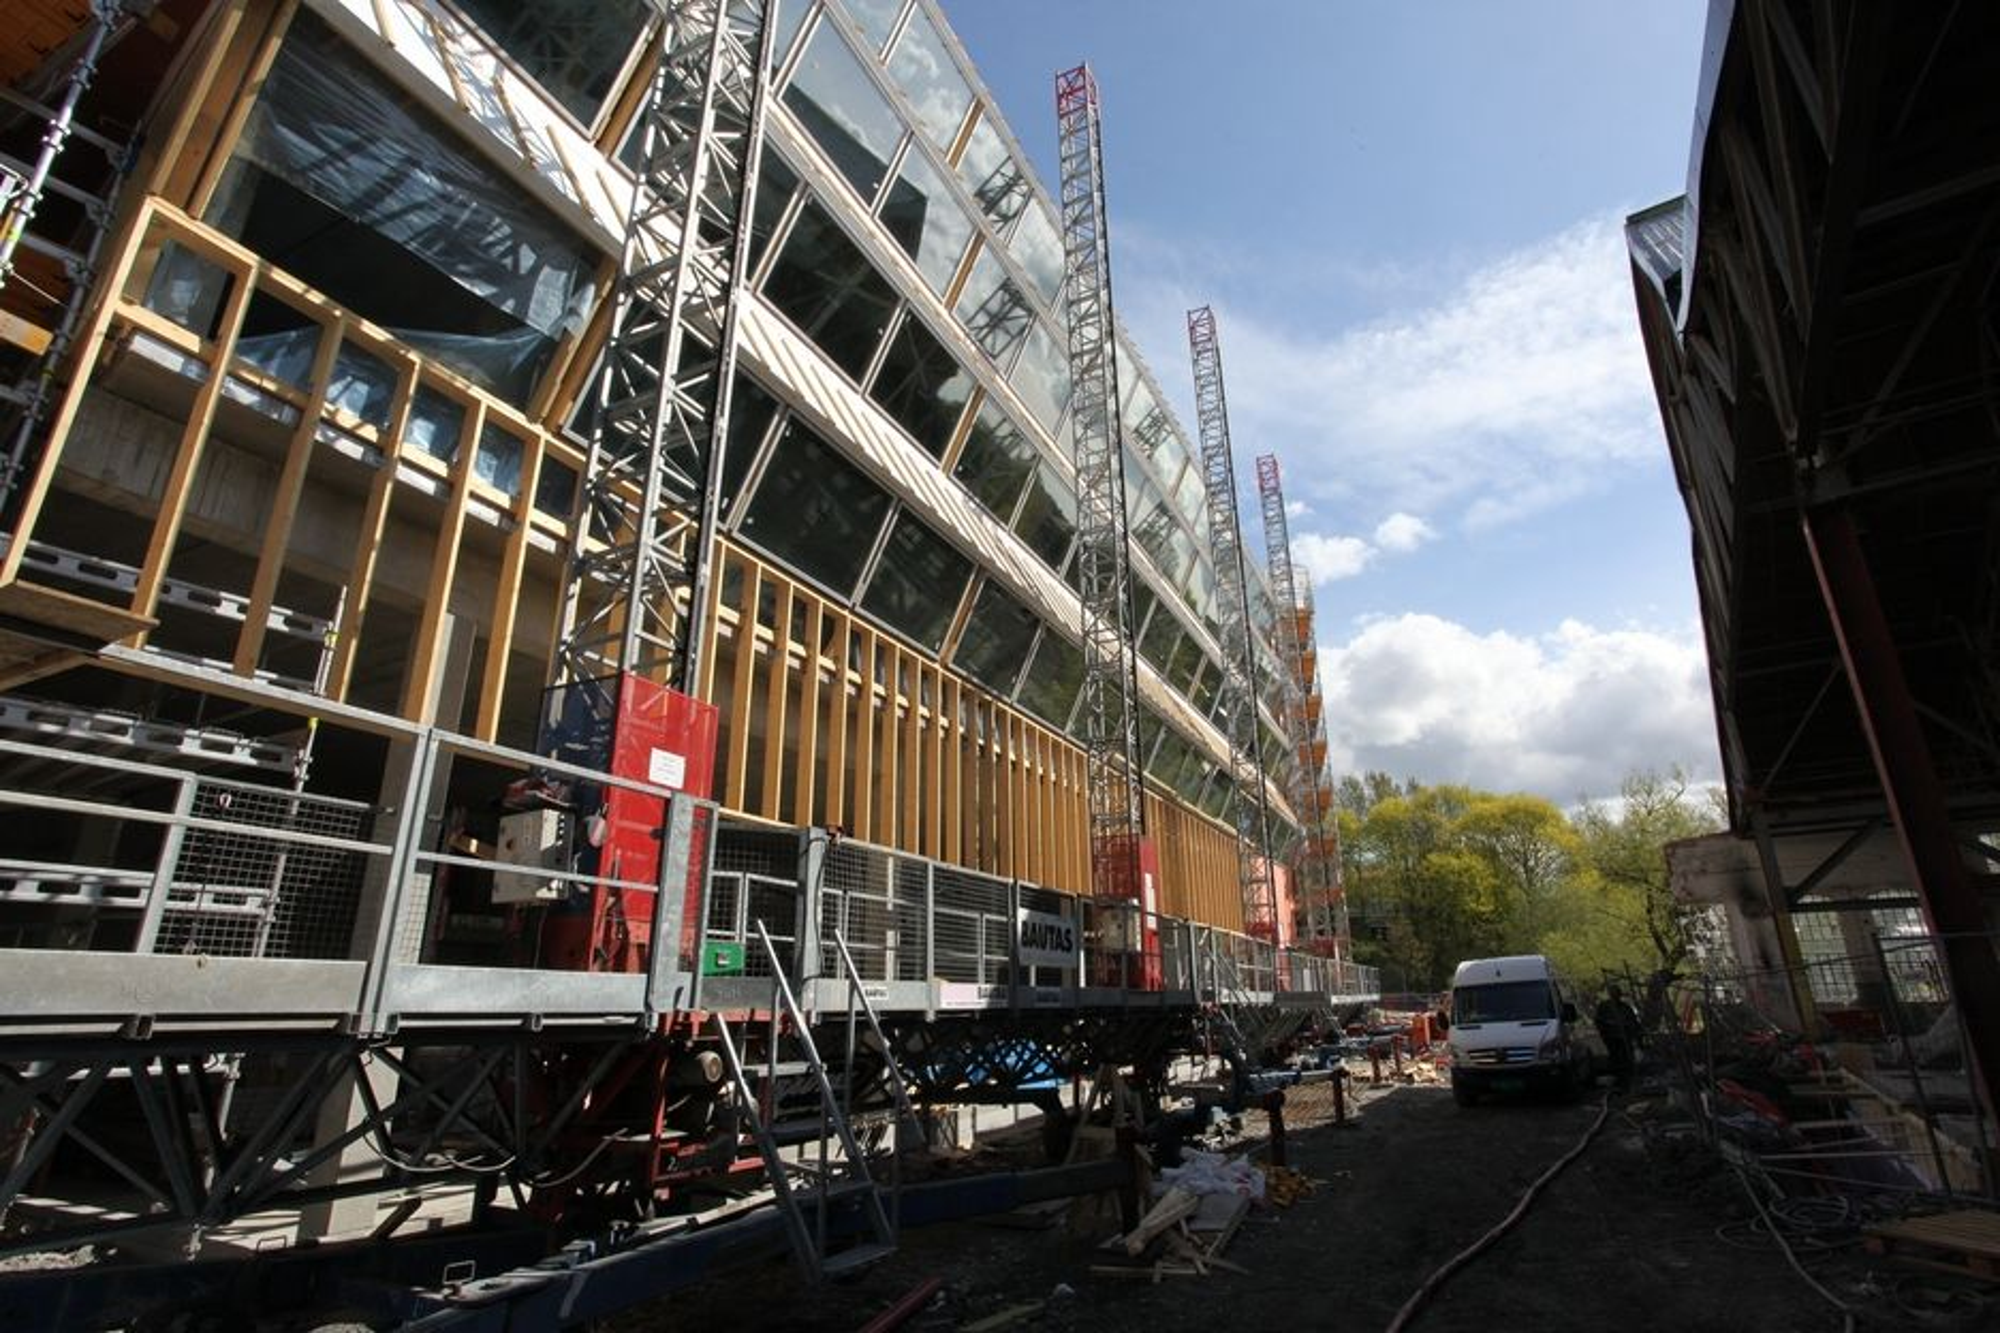 BELLONABYGGET: Bellonabygget er laget med tanke på lavt energibruk. Det er tegnet av LPO Arkitekter som er vertskap for forelesningen til Meyer.